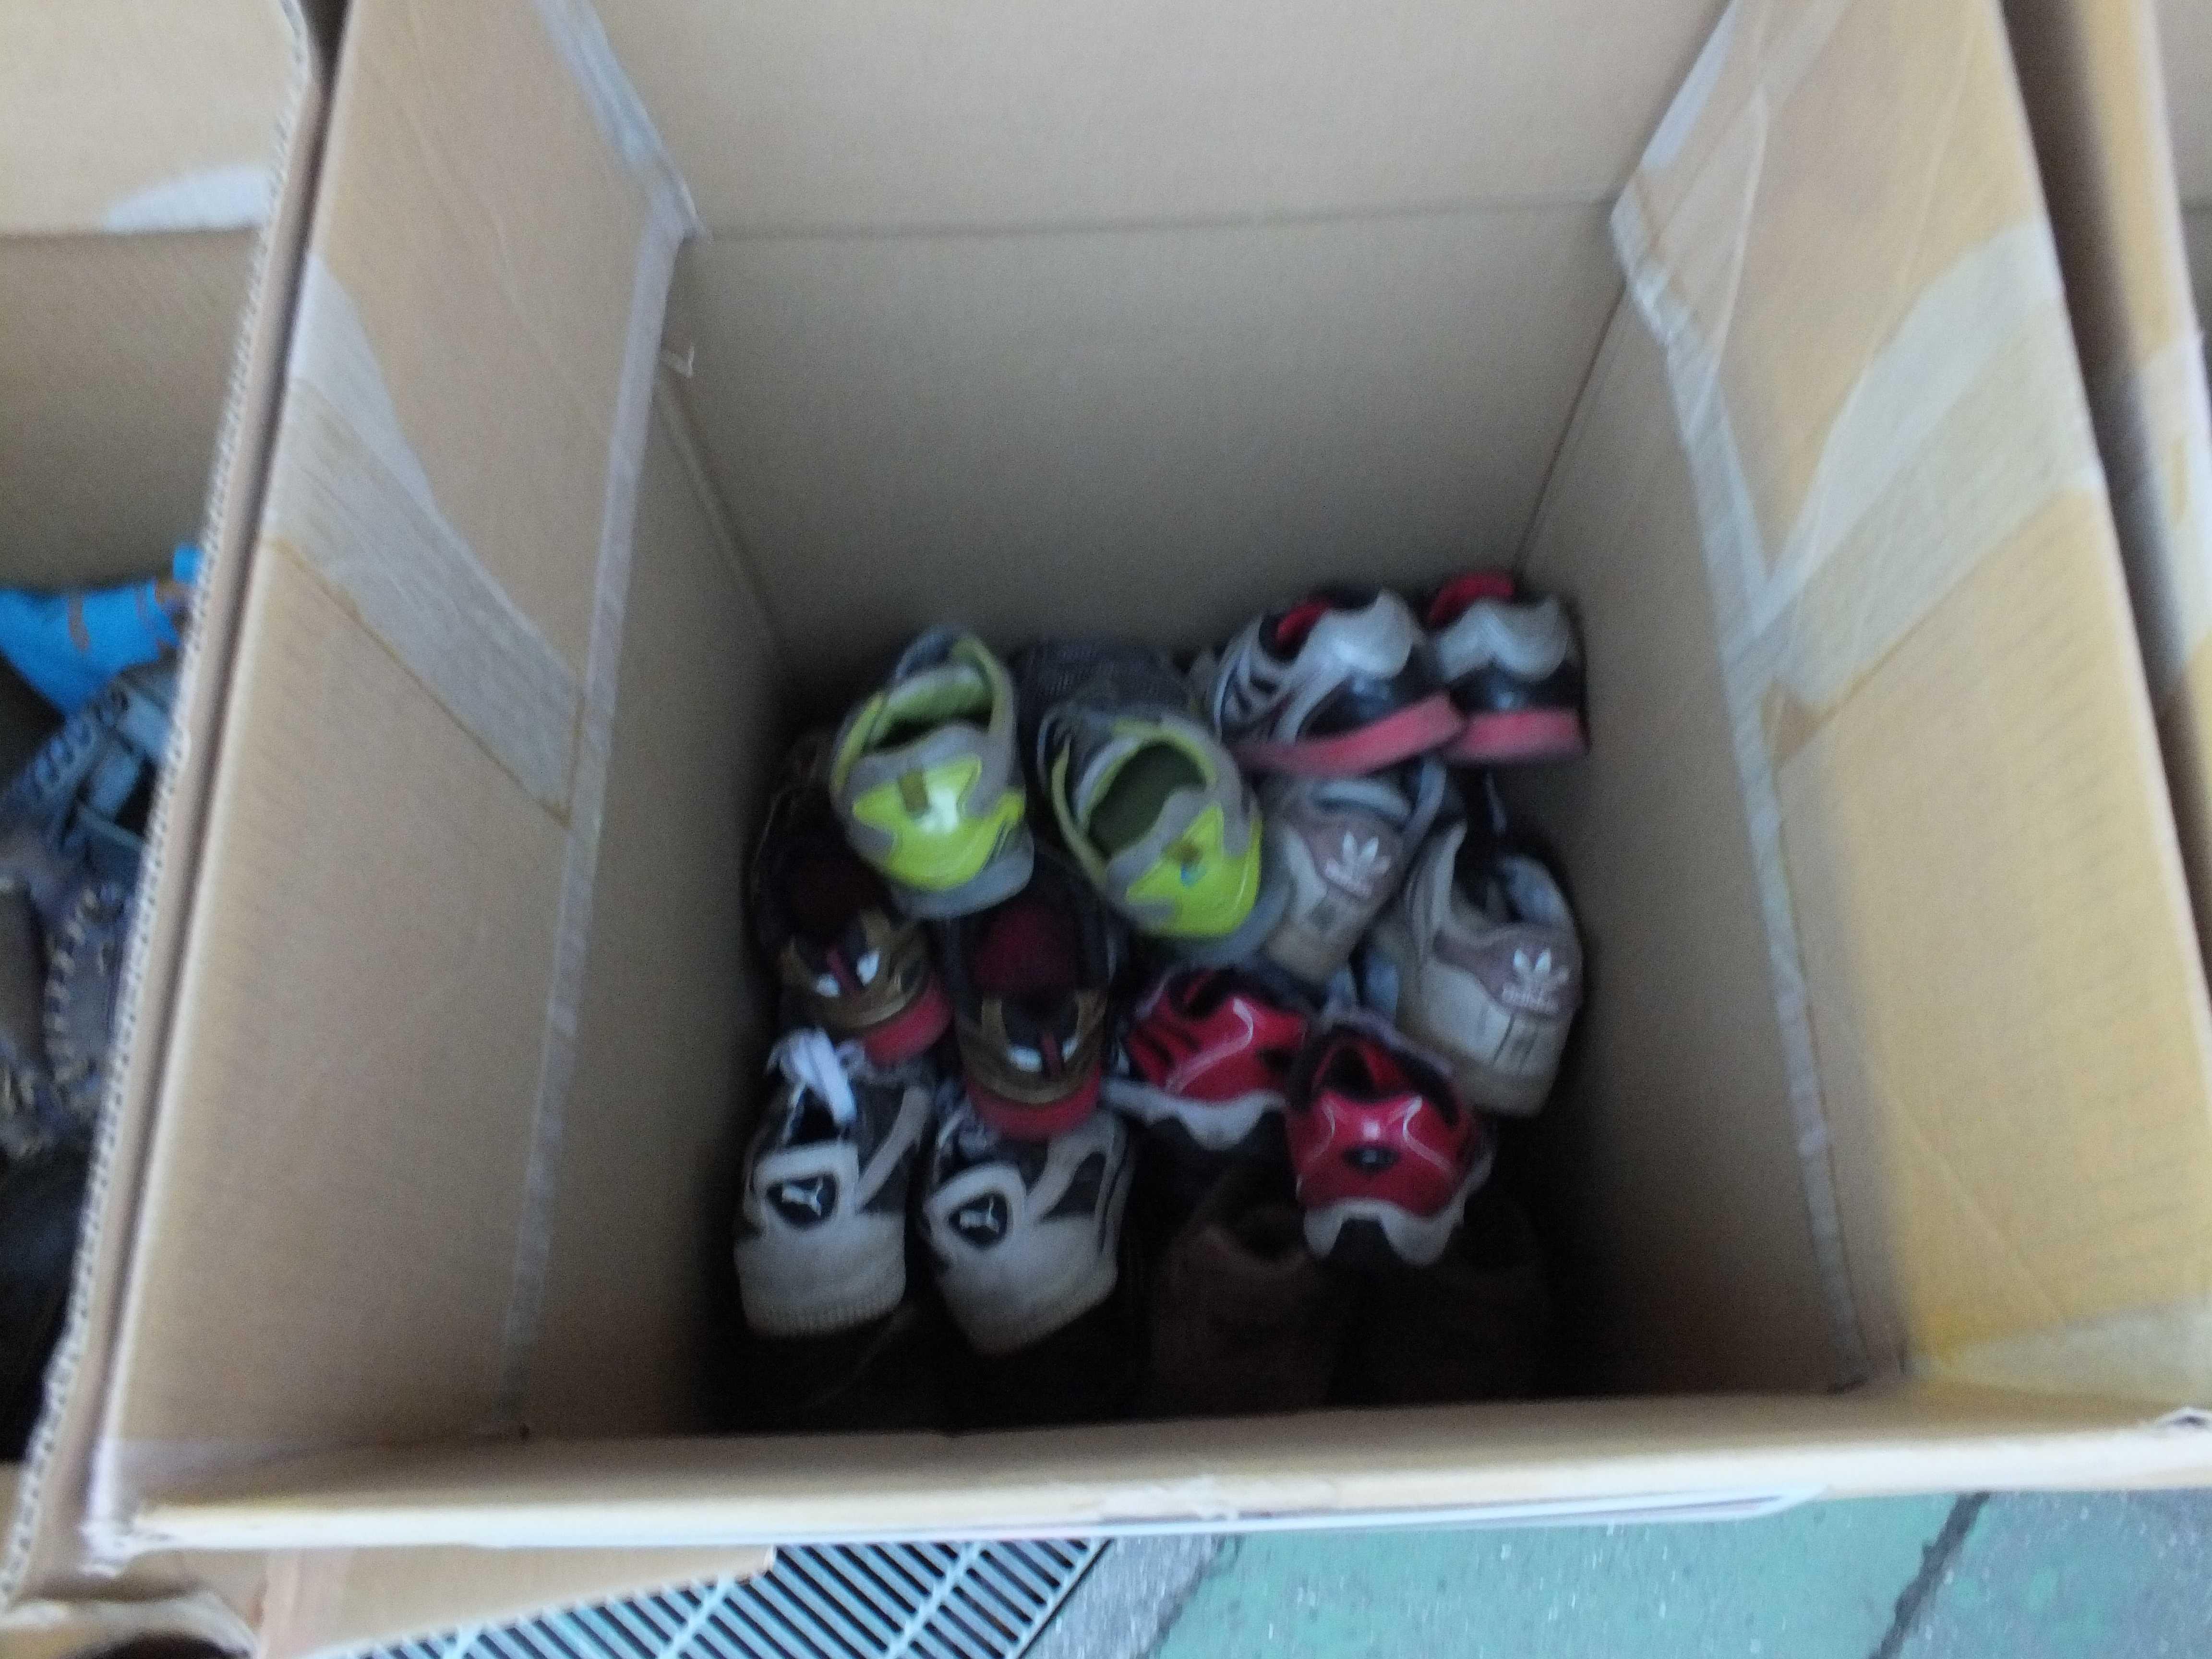 回収された運動靴 - 西武ドーム回収場所